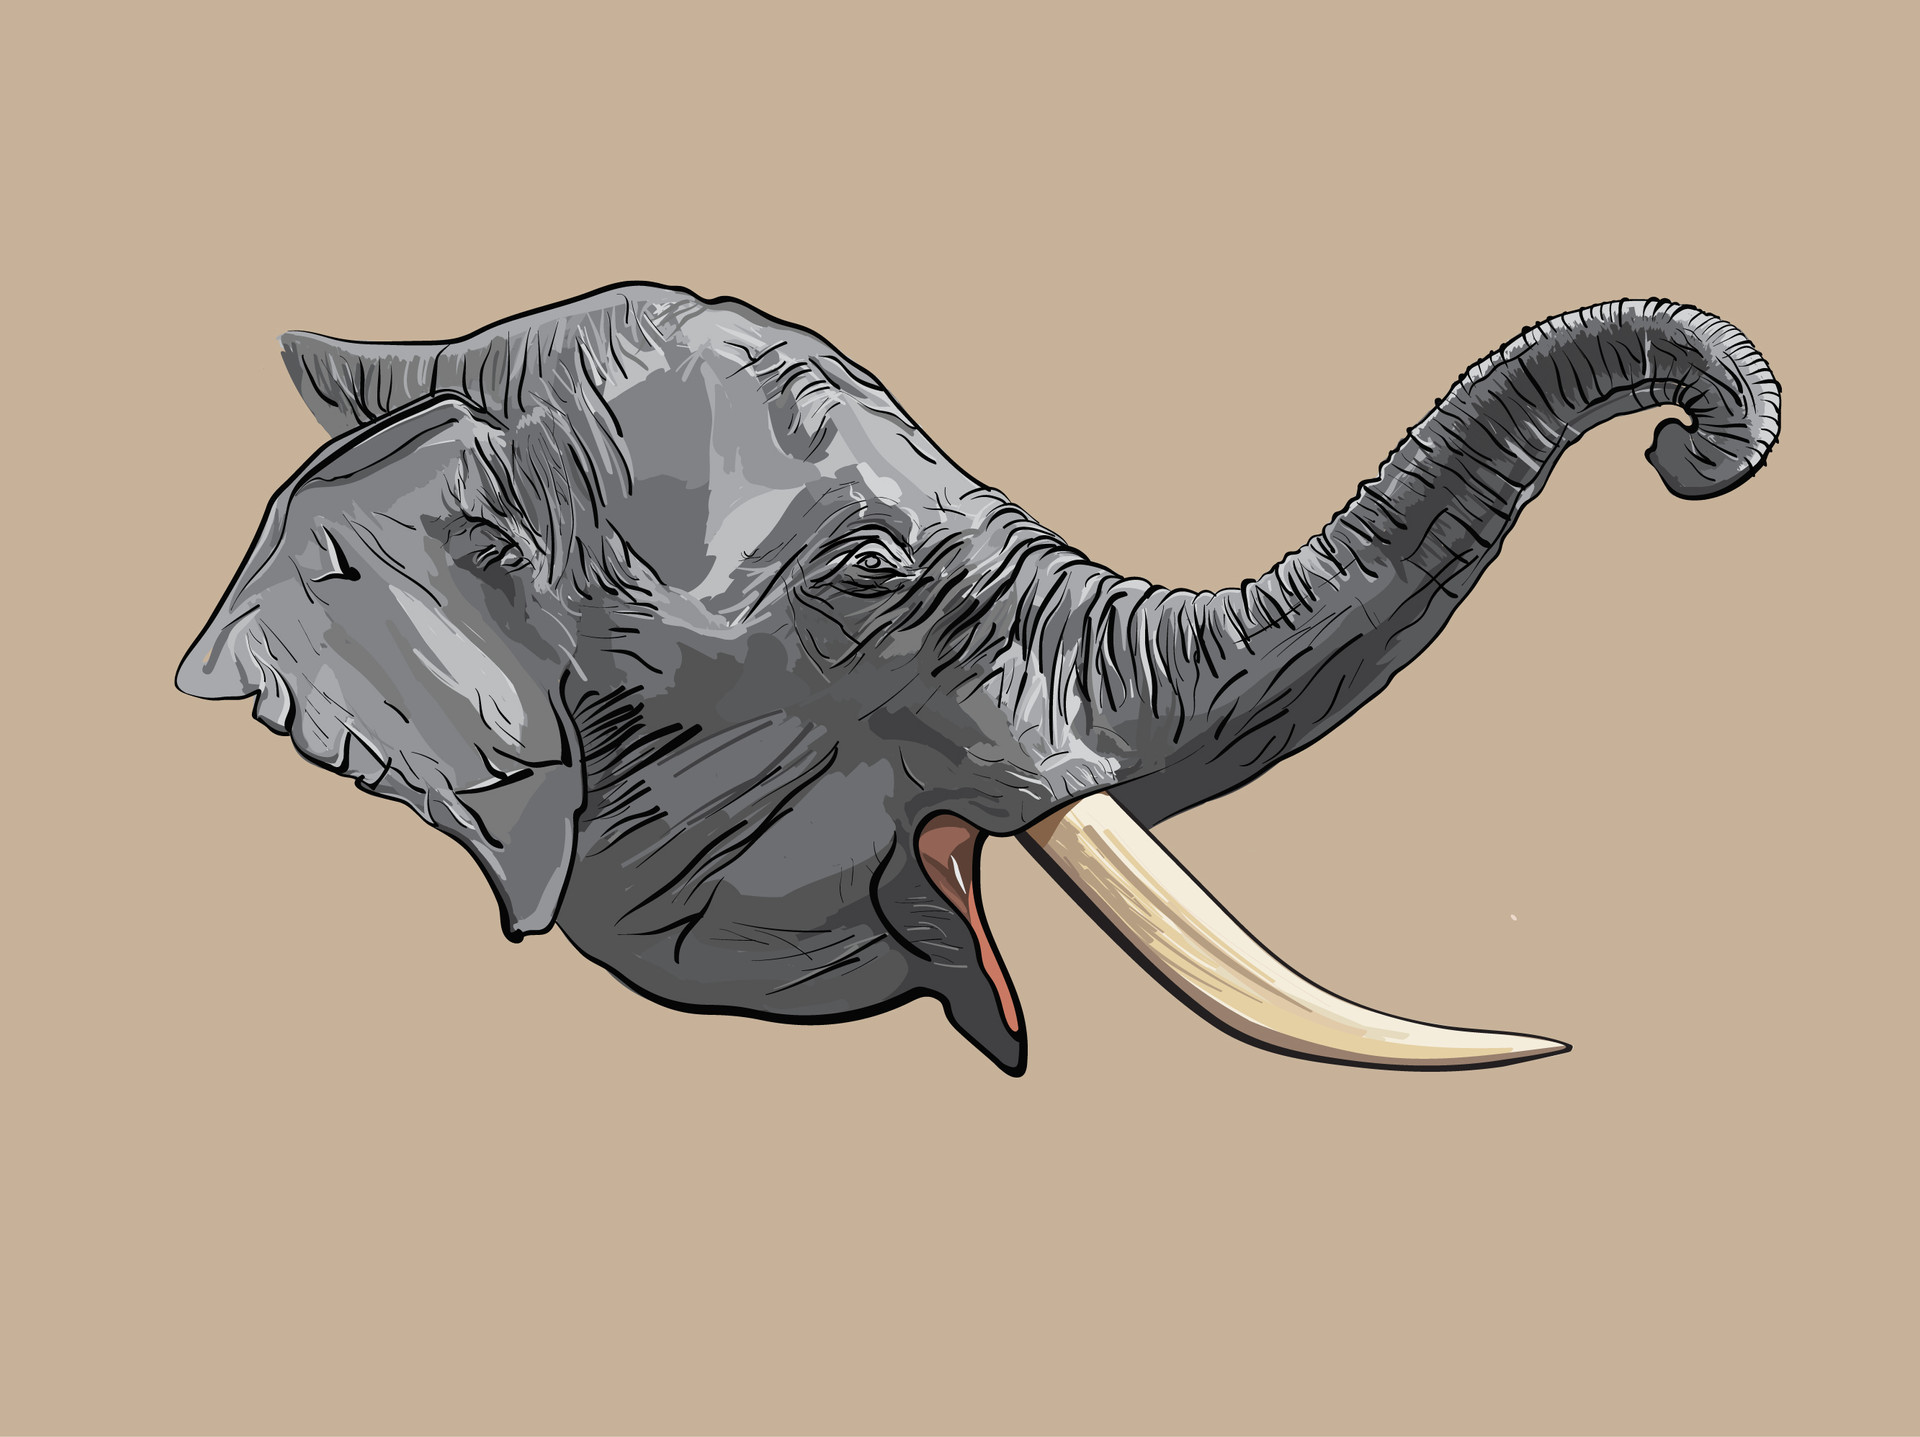 Final elephant design